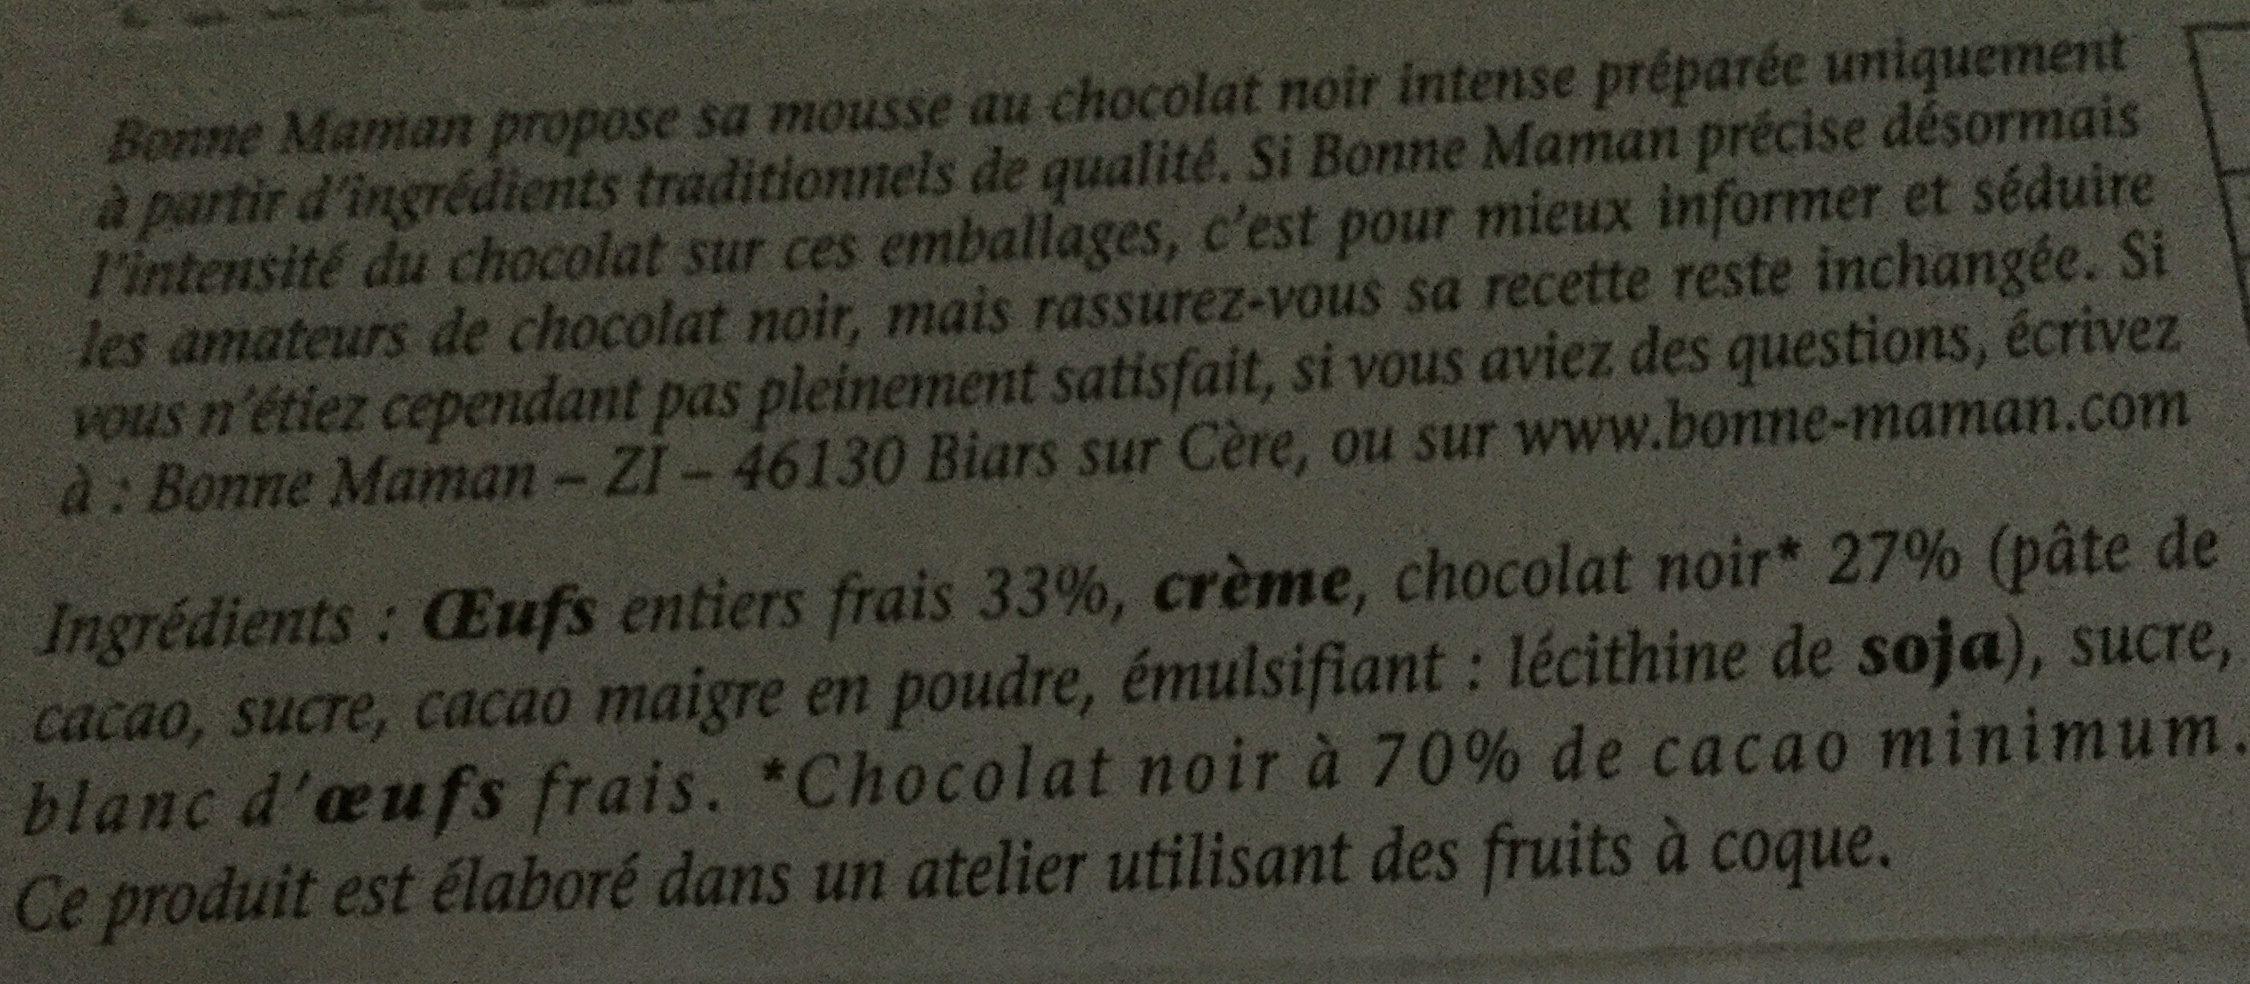 Bonne mamanMousse au chocolat aux œufs frais - Ingrédients - fr